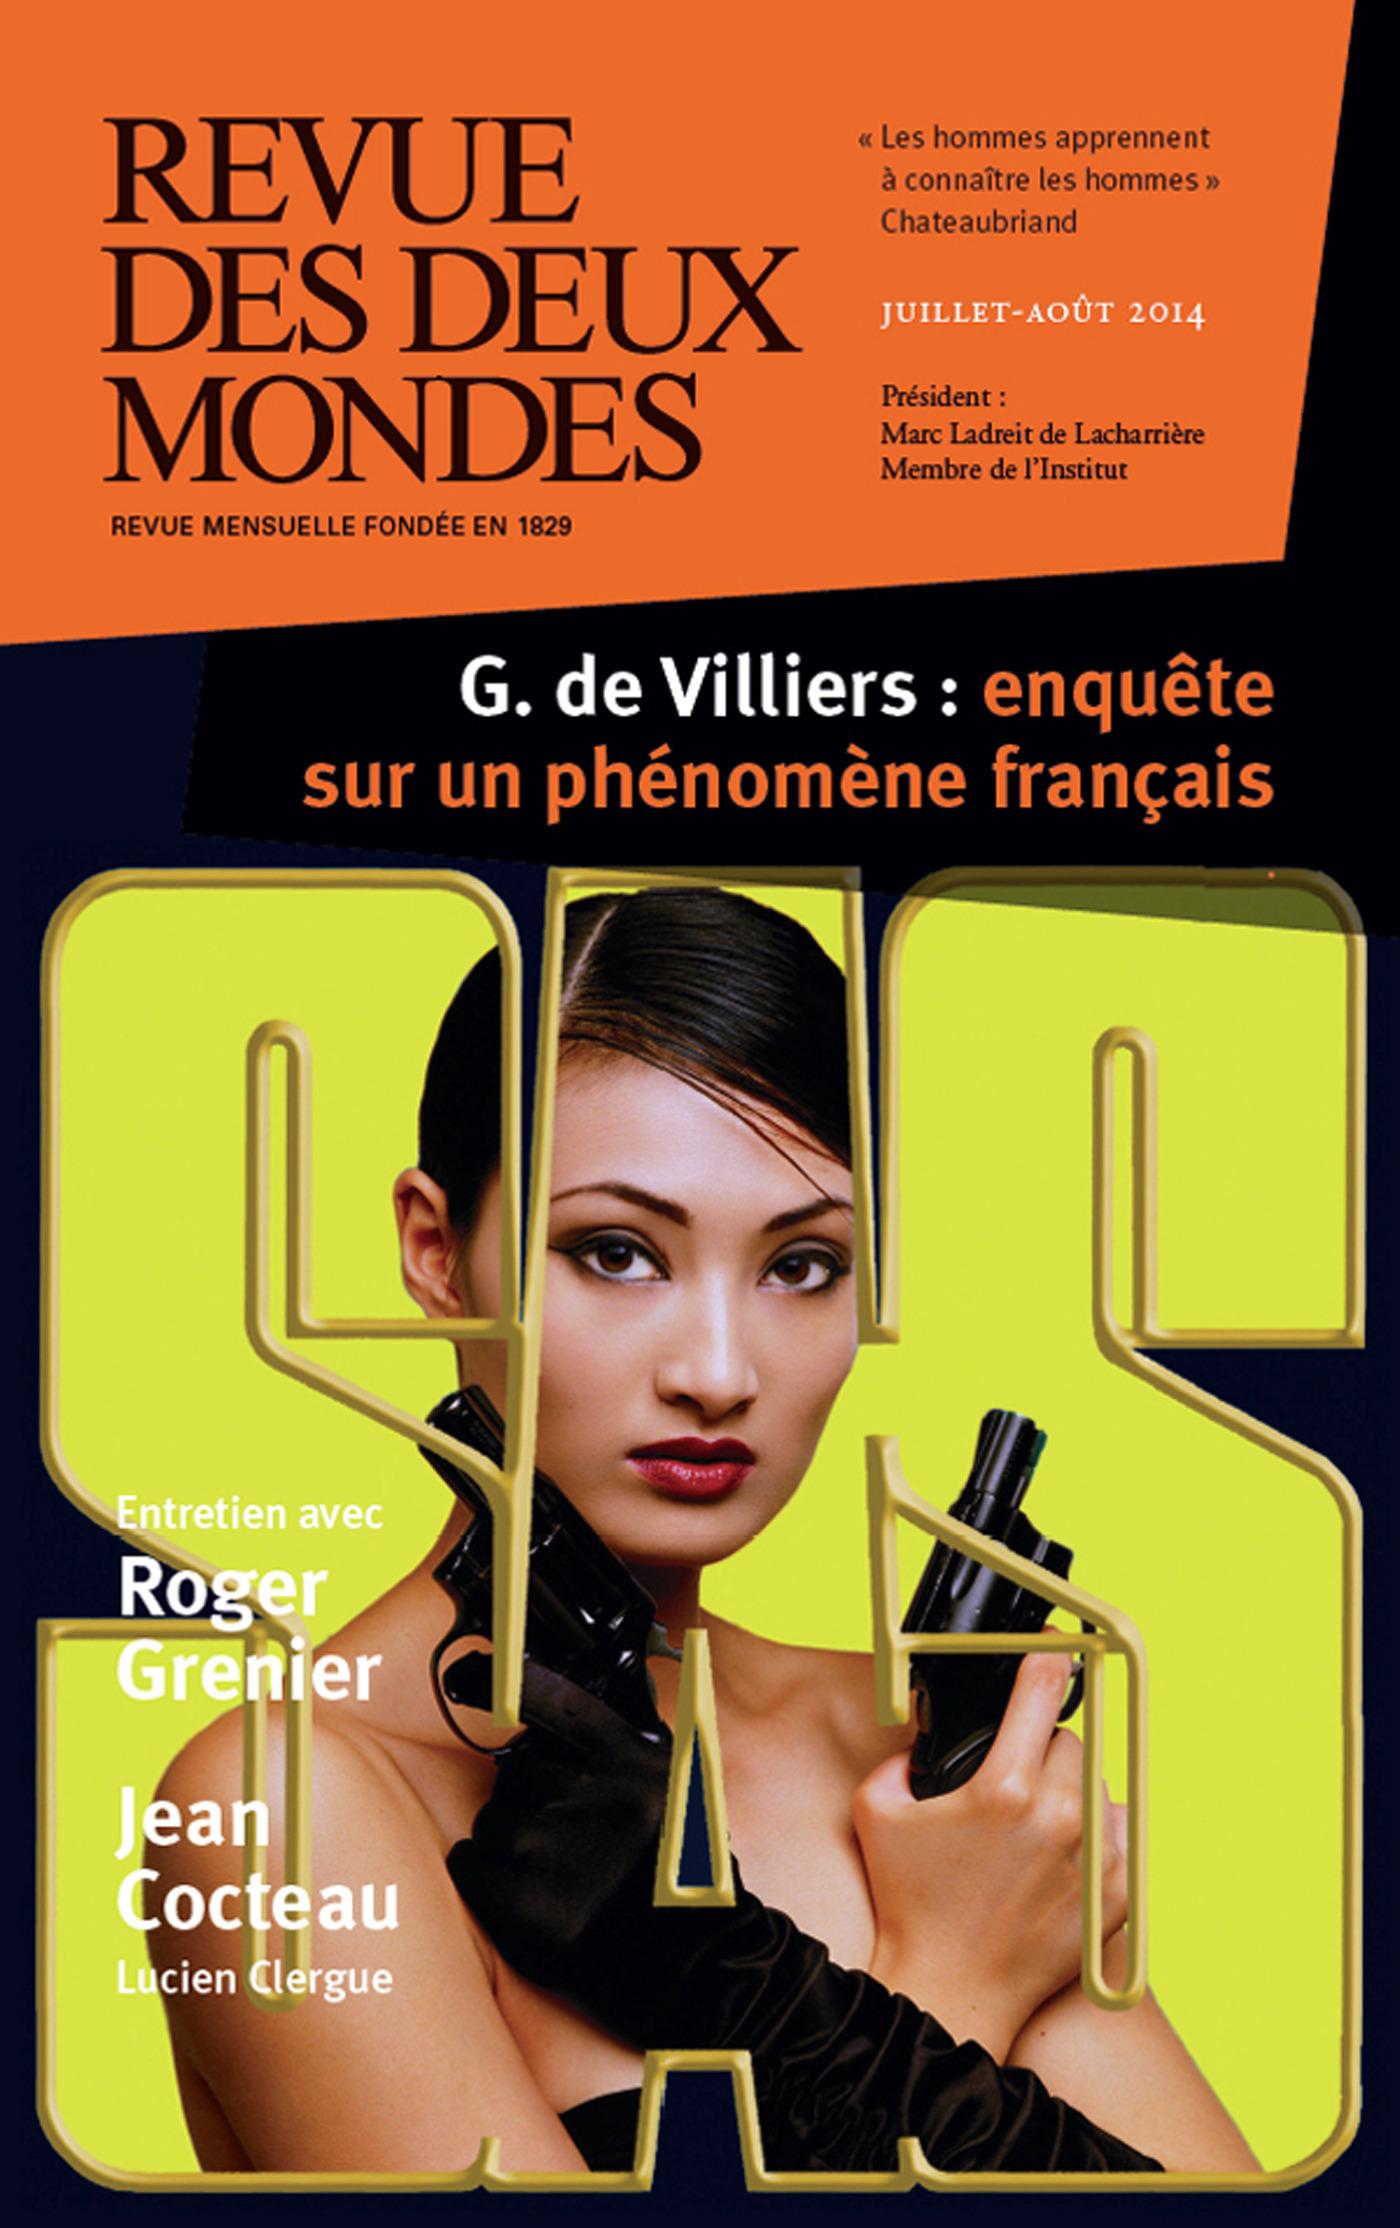 REVUE DES DEUX MONDES ; revue des deux mondes, juillet / aout 2014